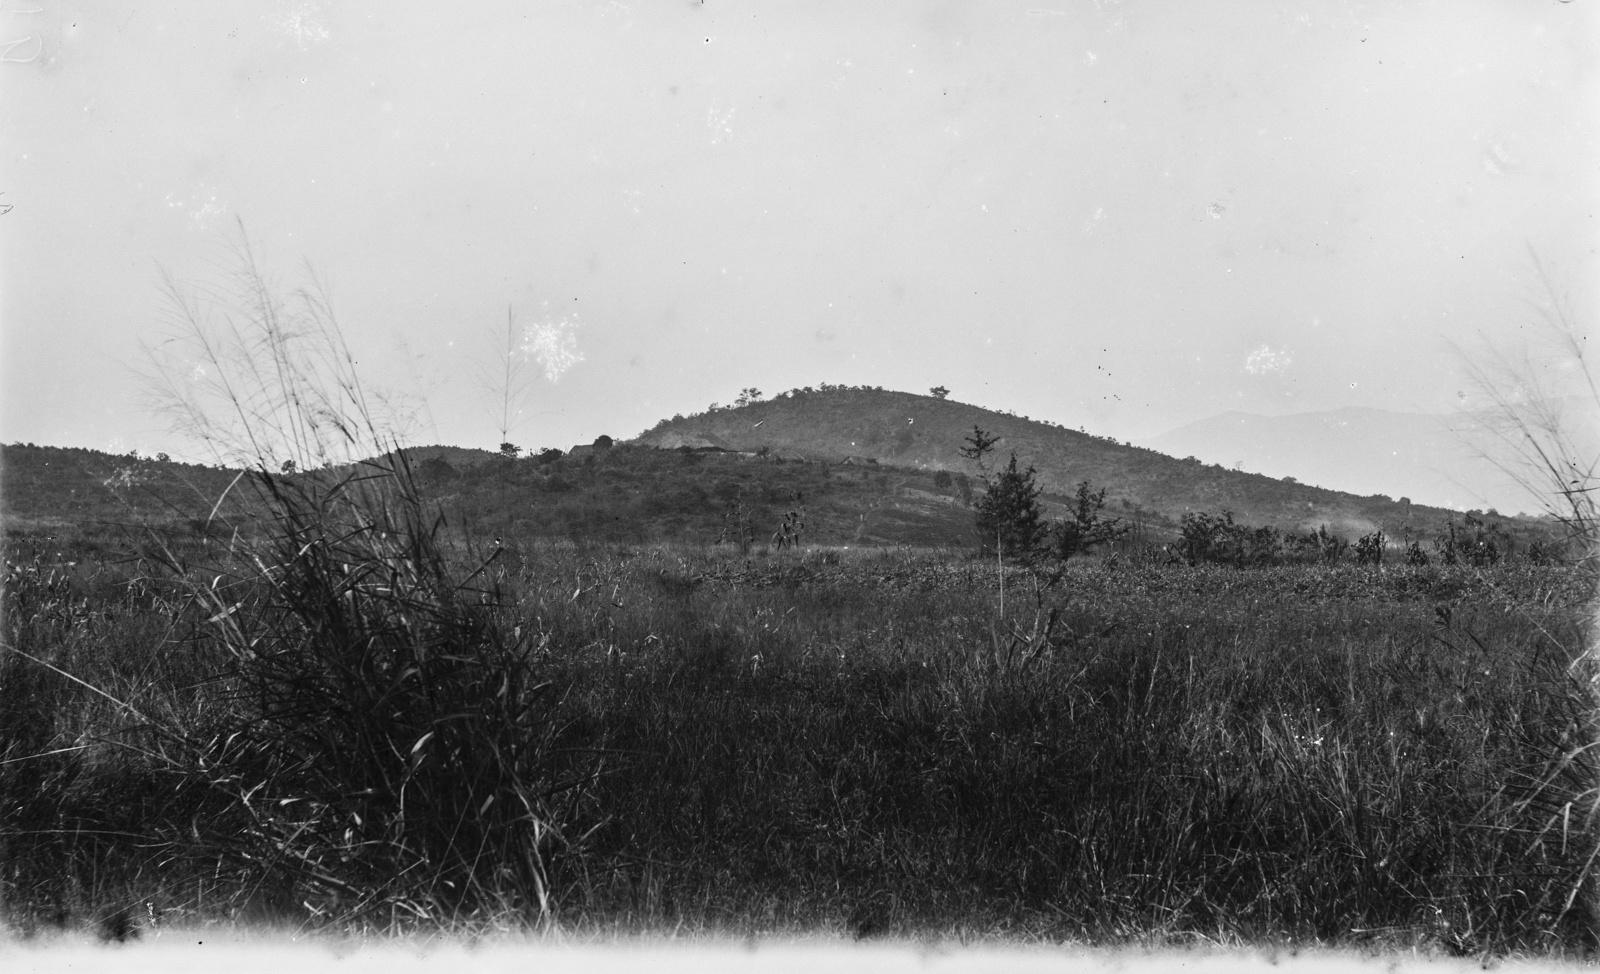 32. Вид на холмистый пейзаж в районе Корогве